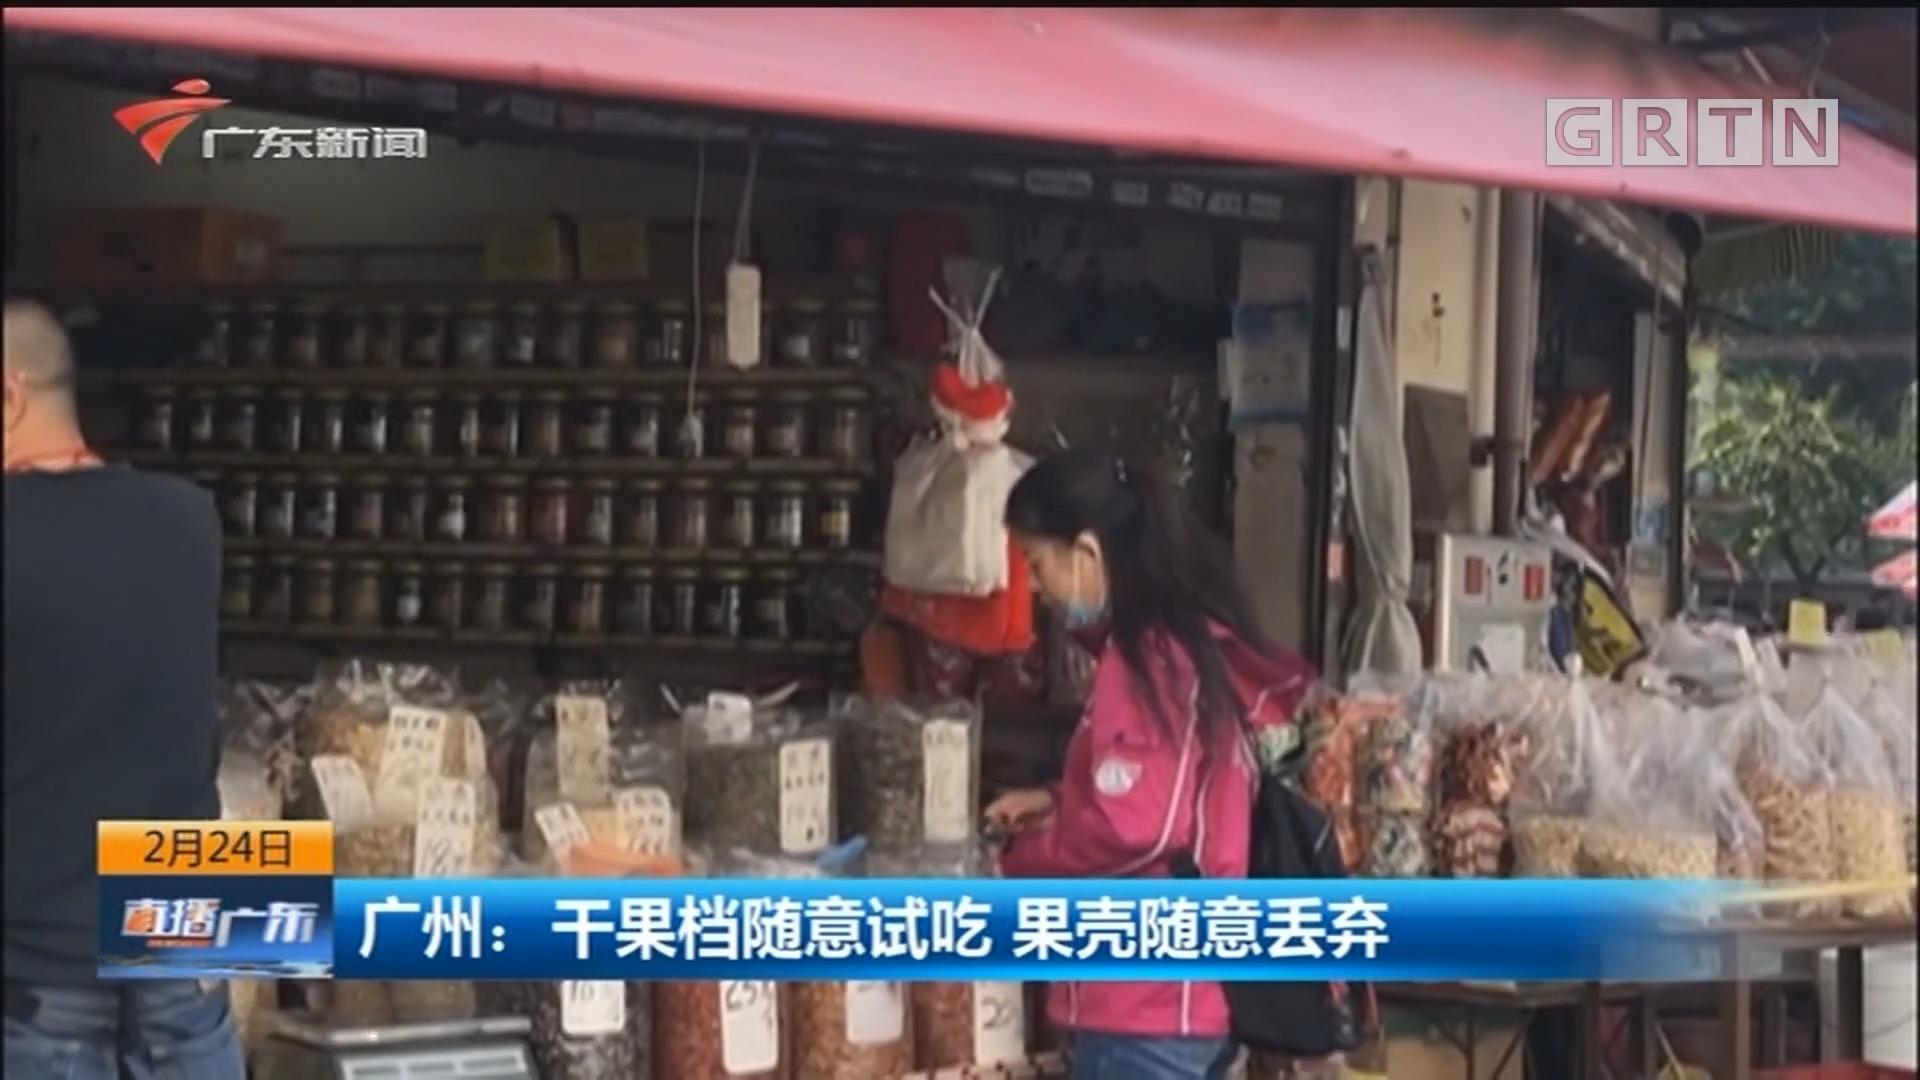 广州:干果档随意试吃 果壳随意丢弃